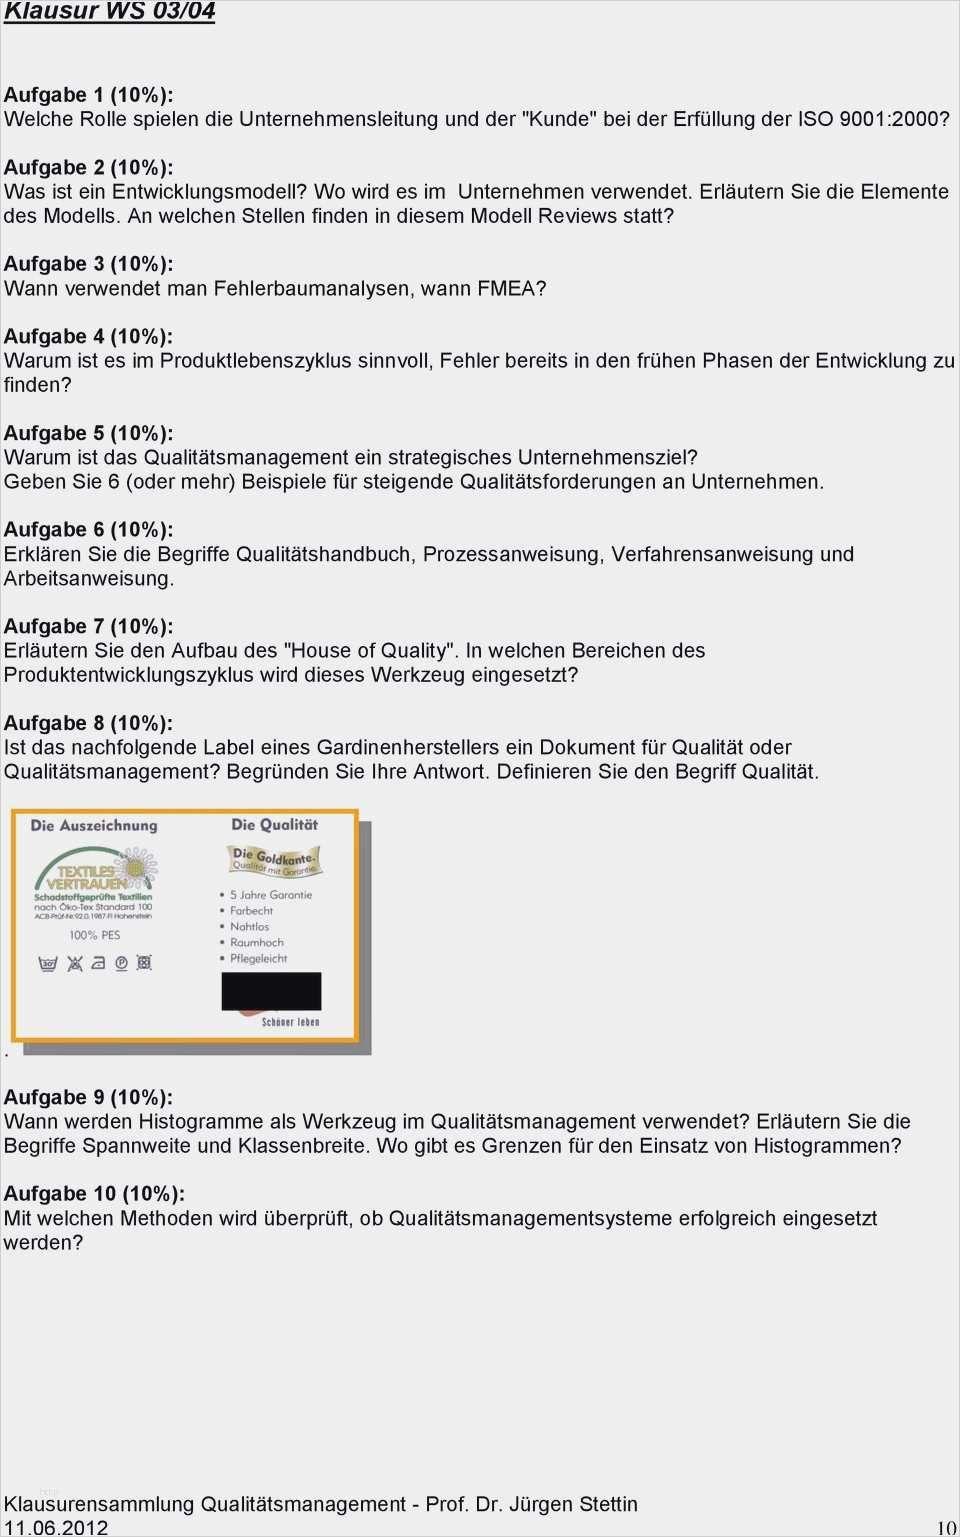 Vorlage Verfahrensweisung Blog Der Losungsfabrik